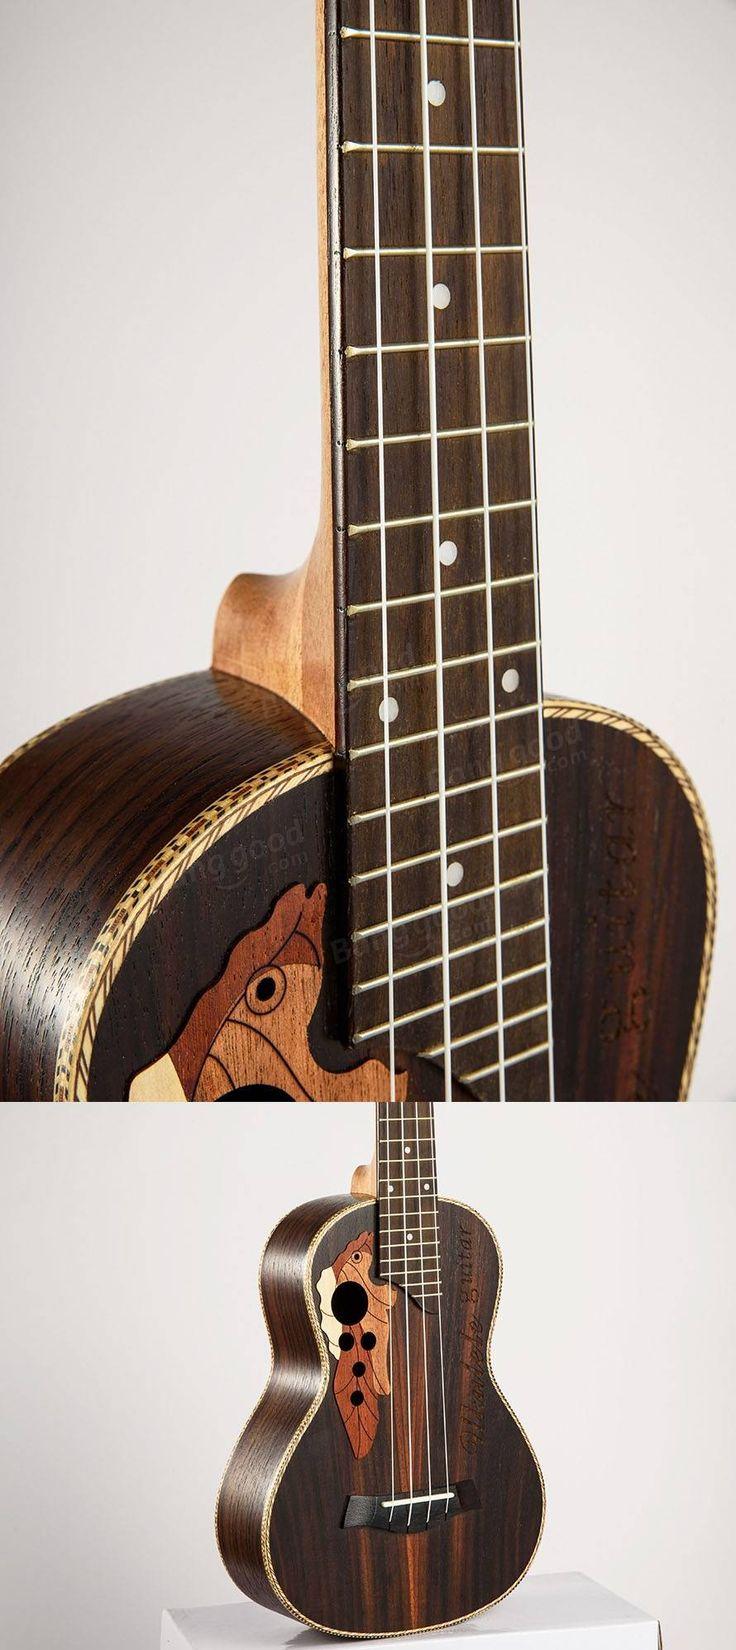 Chensheng 23 Inch Four Strings Rosewood Ukulele With Grape Shape Holes